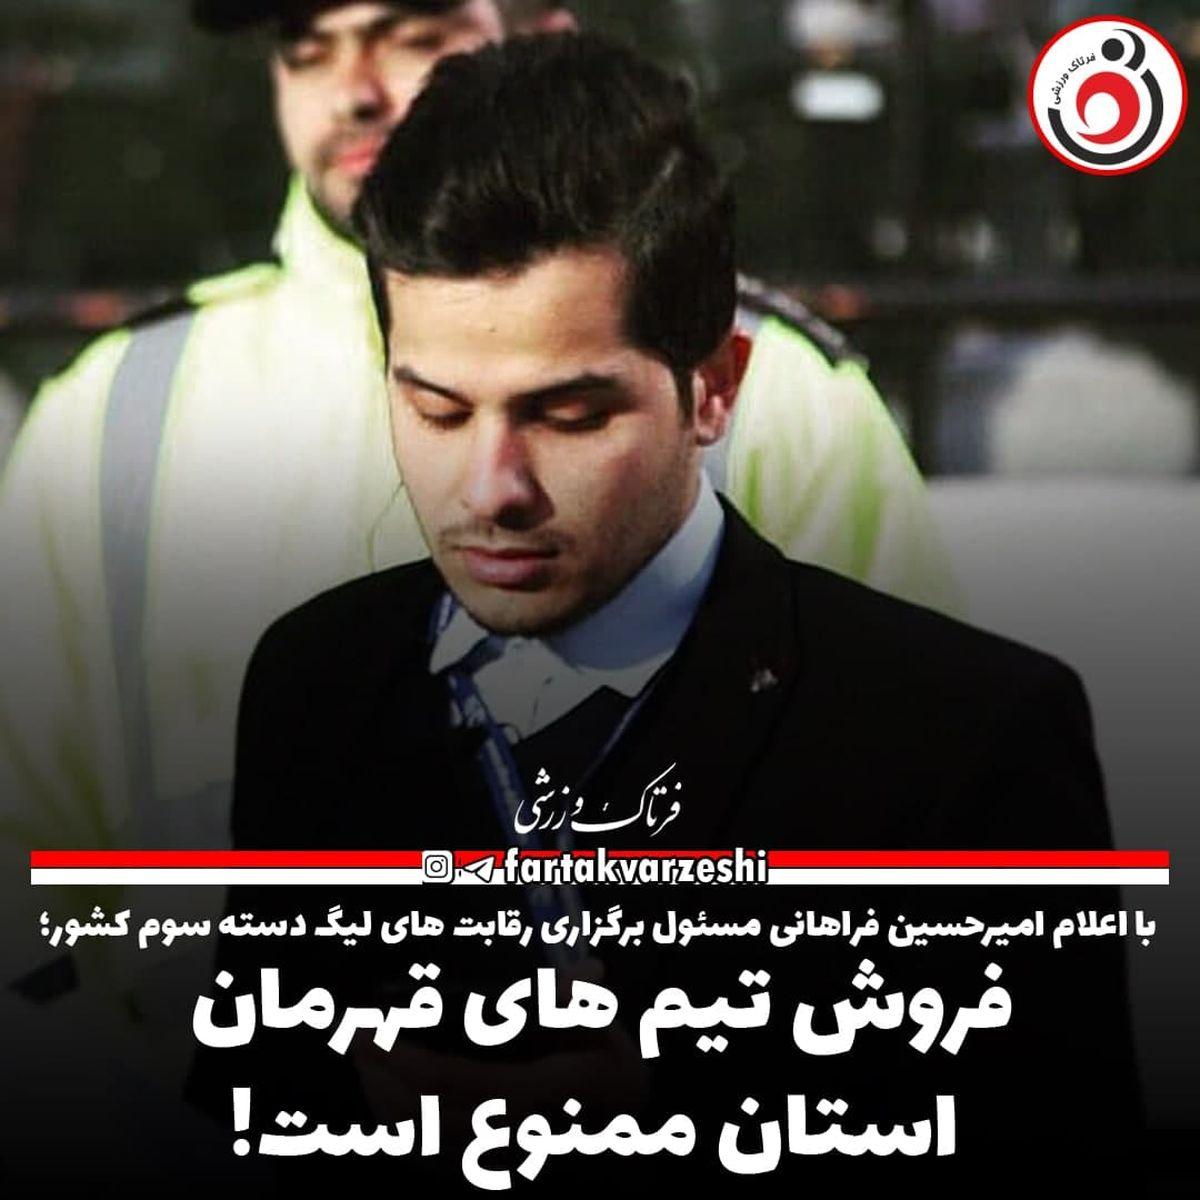 فروش تیم های قهرمان استان ممنوع است!